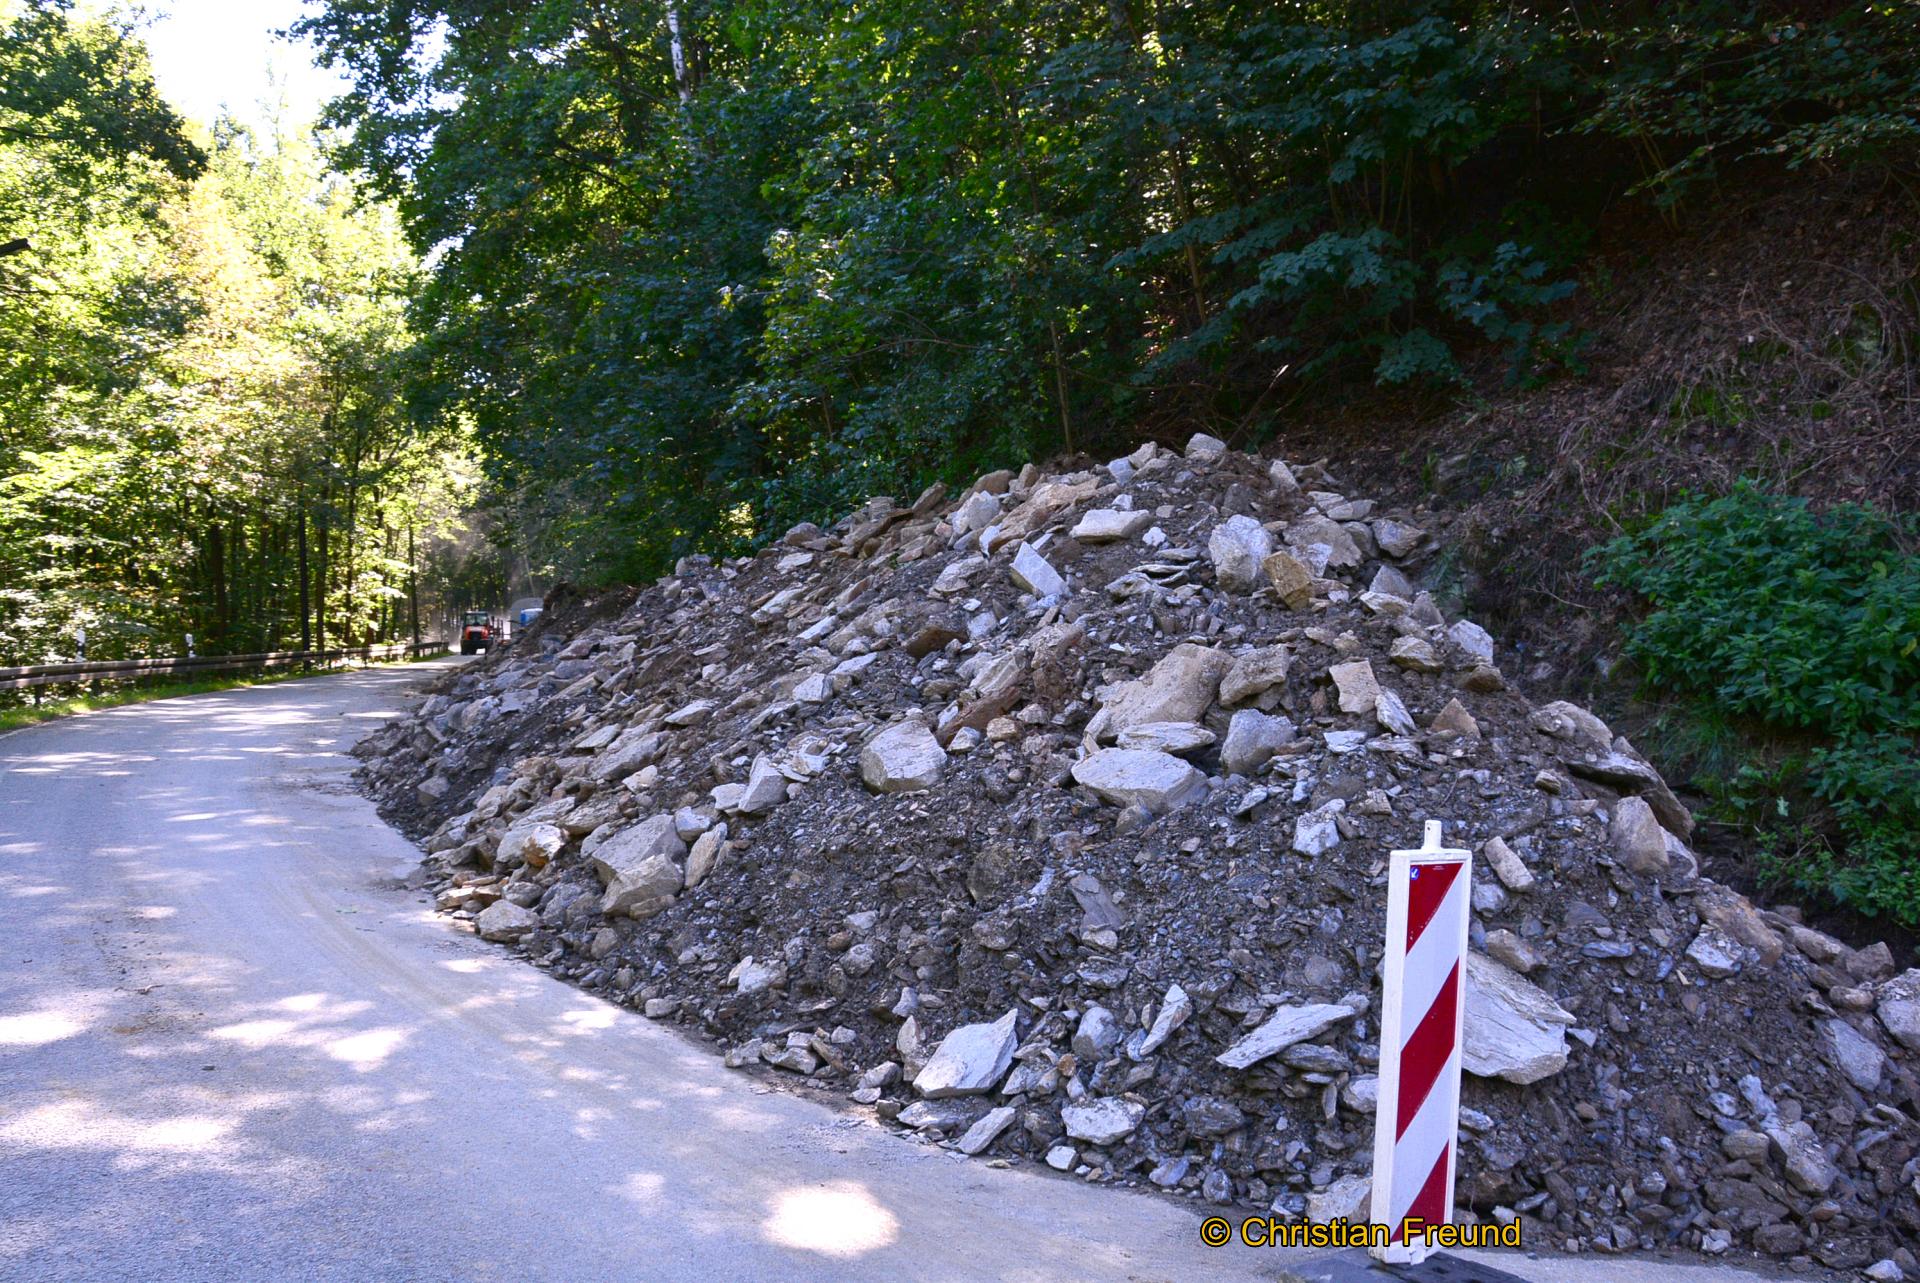 Straßensperrung aufgrund Arbeiten an Fahrbahn, Stützwand und Durchlass bei Mylau